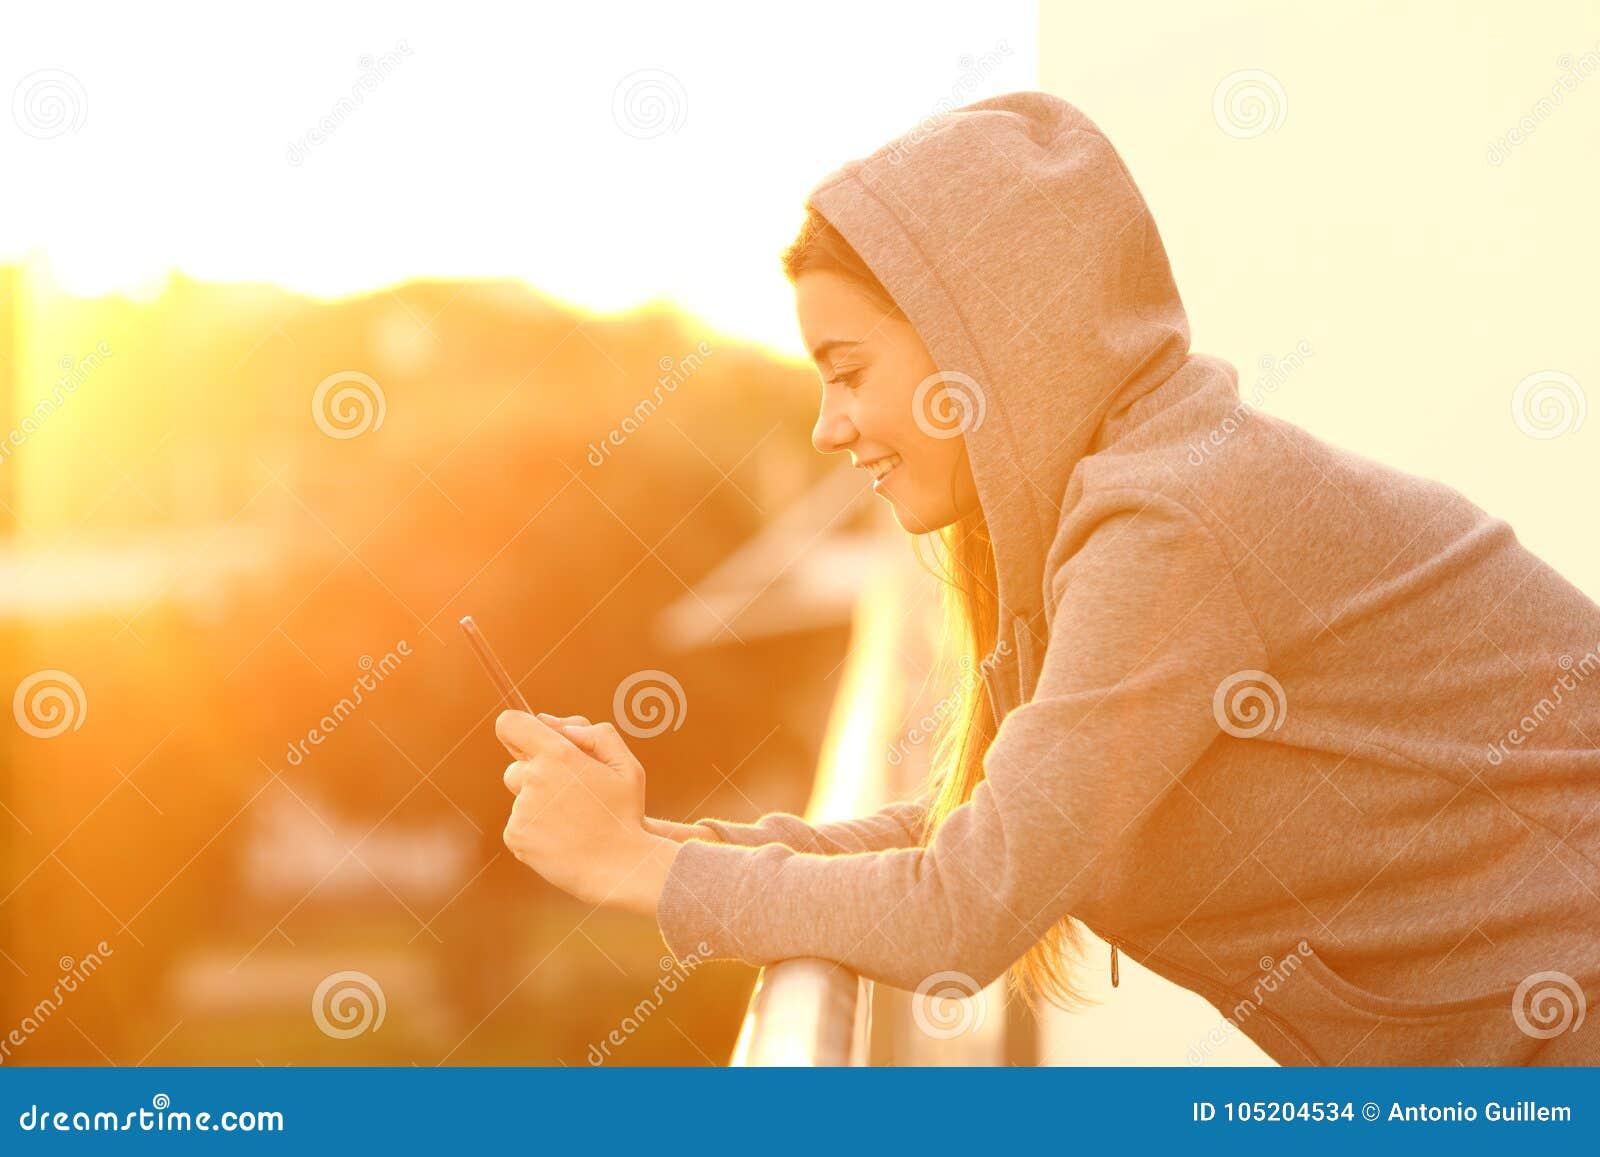 Perfil de um adolescente usando um telefone esperto em um balcão